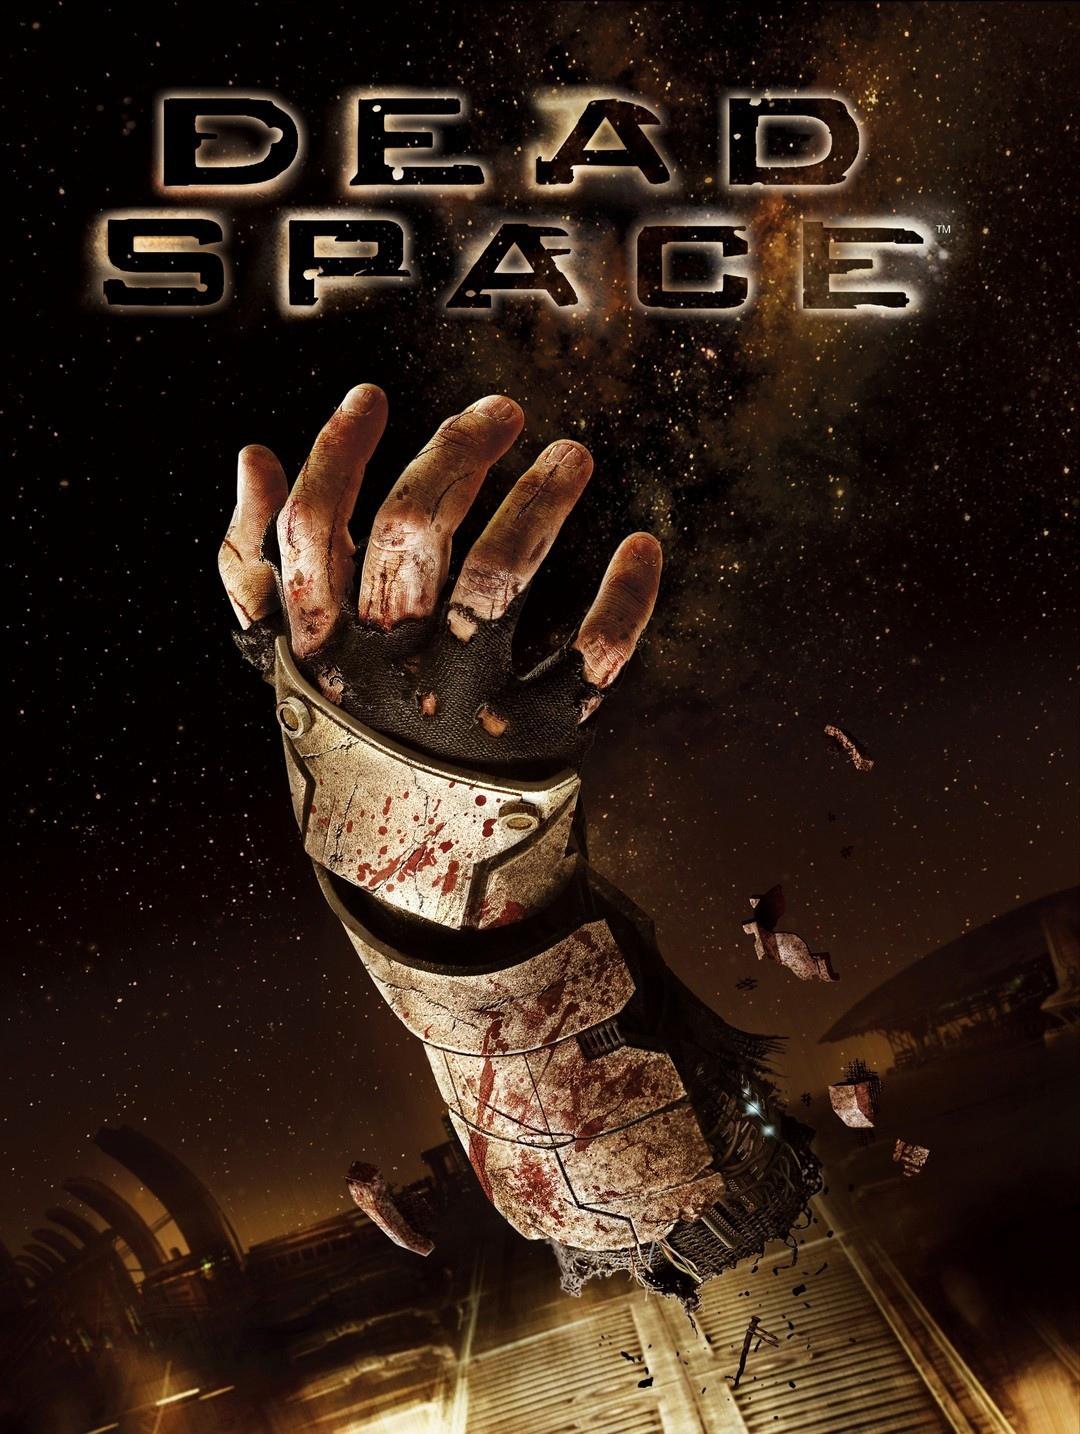 Ровно 13 лет стартовала одна из лучших серий хорроров в игровой индустрии — Dead Space